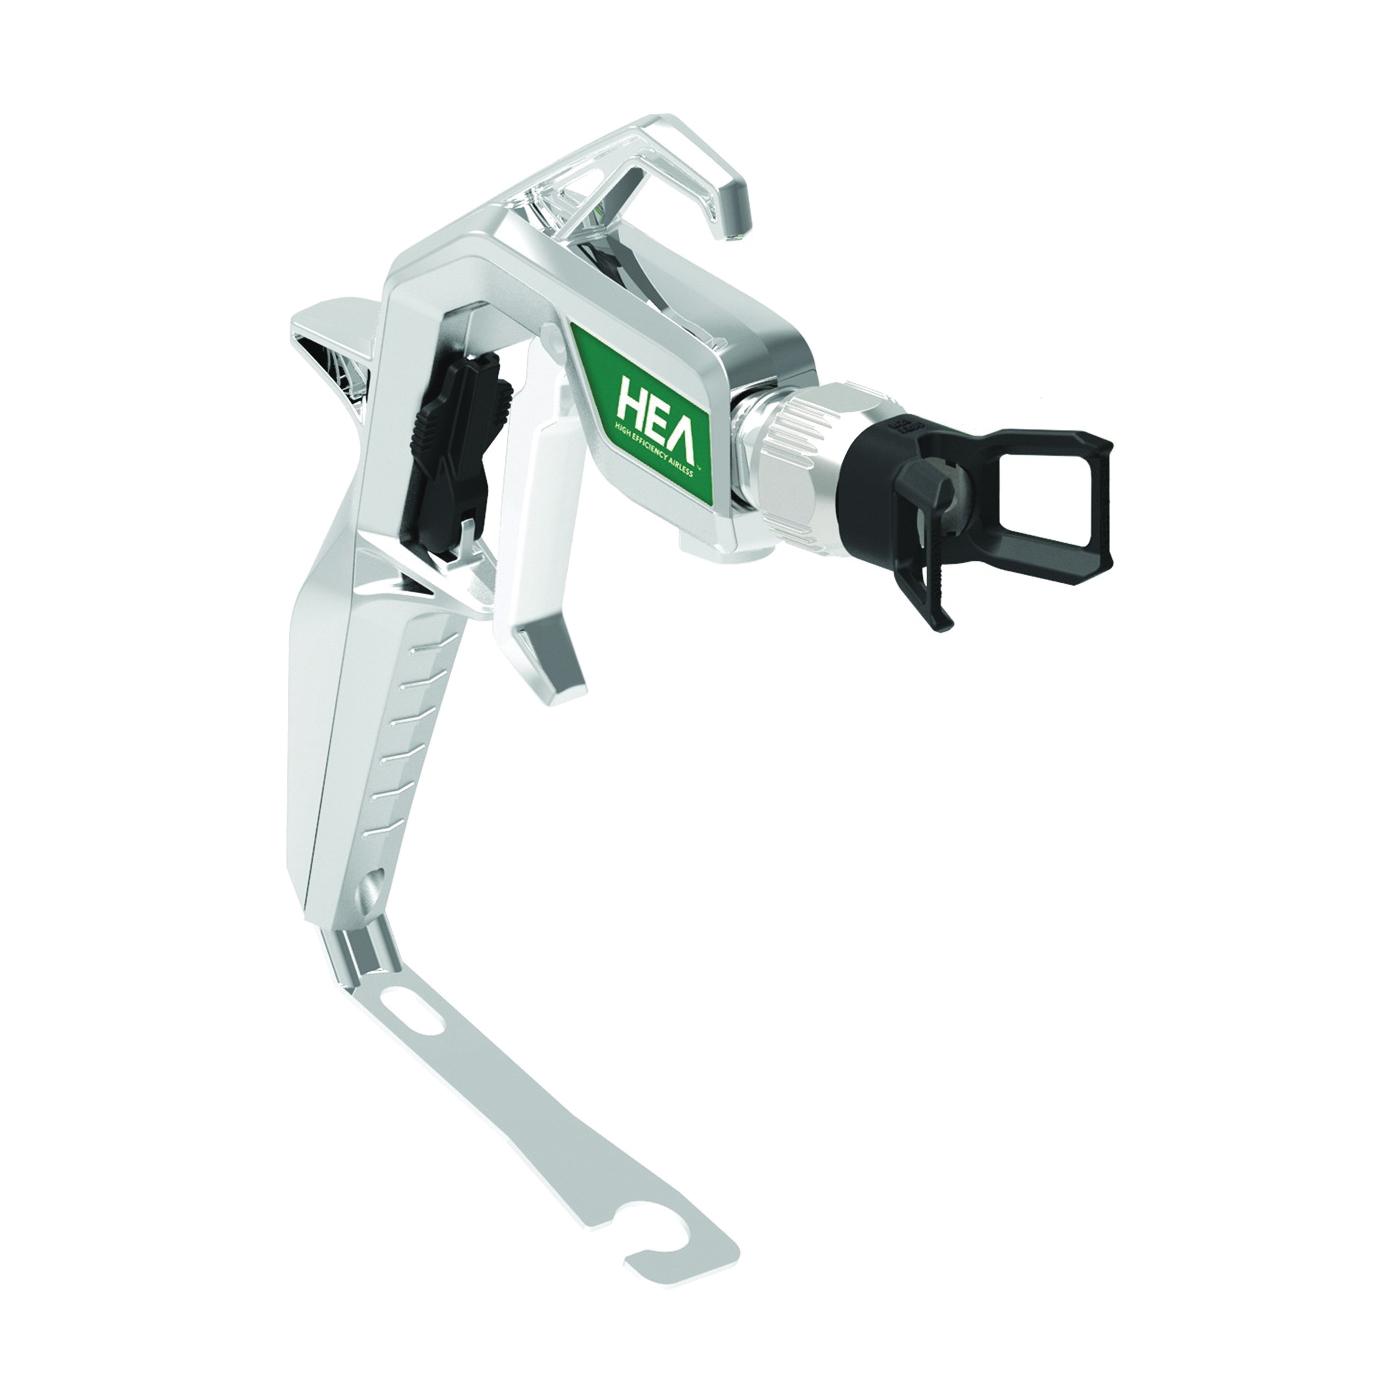 Picture of Titan 353-701 Spray Gun, 1600 psi Pressure